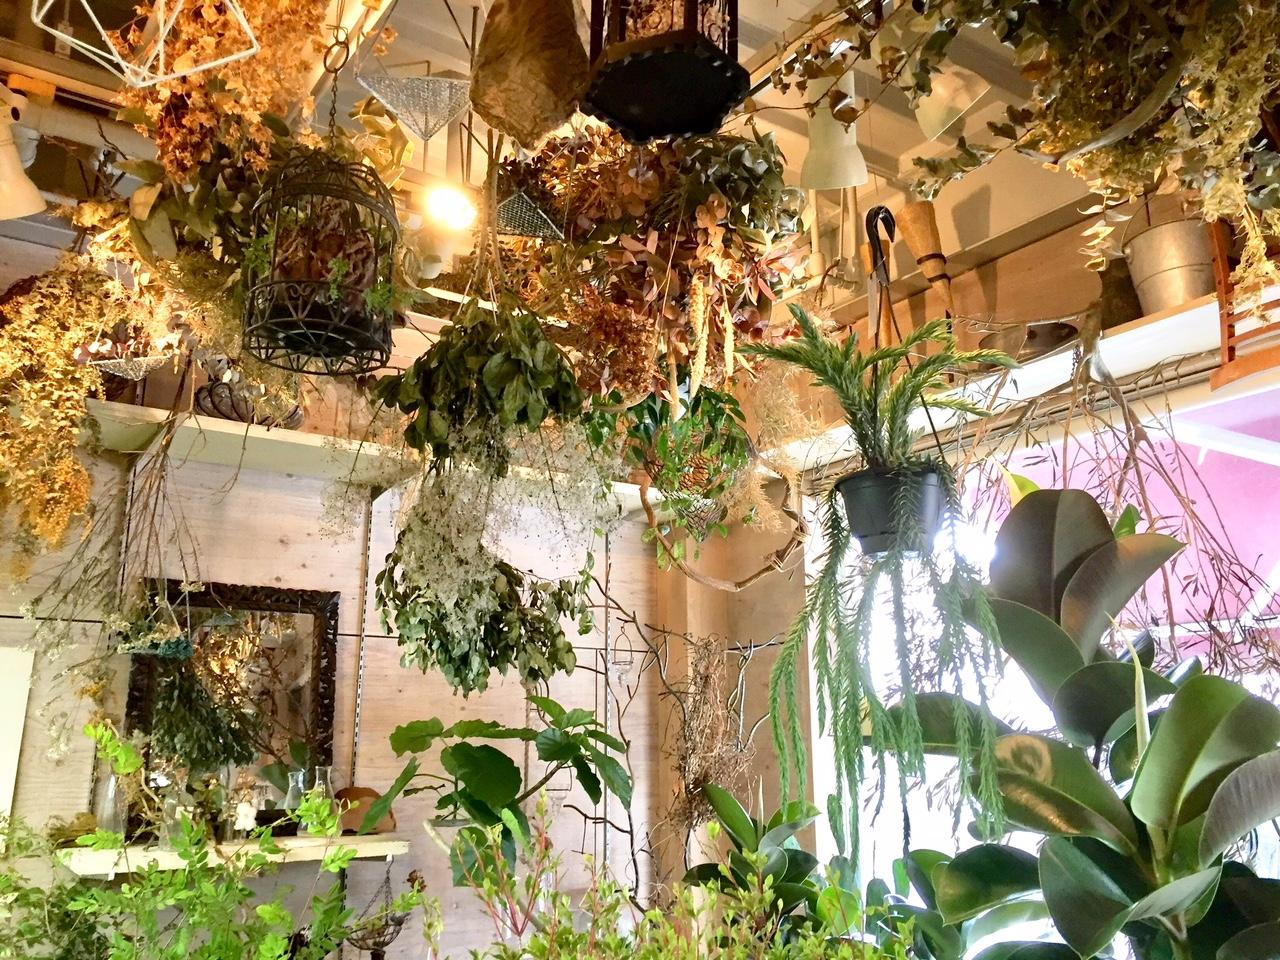 様々な種類のドライフラワーと観葉植物